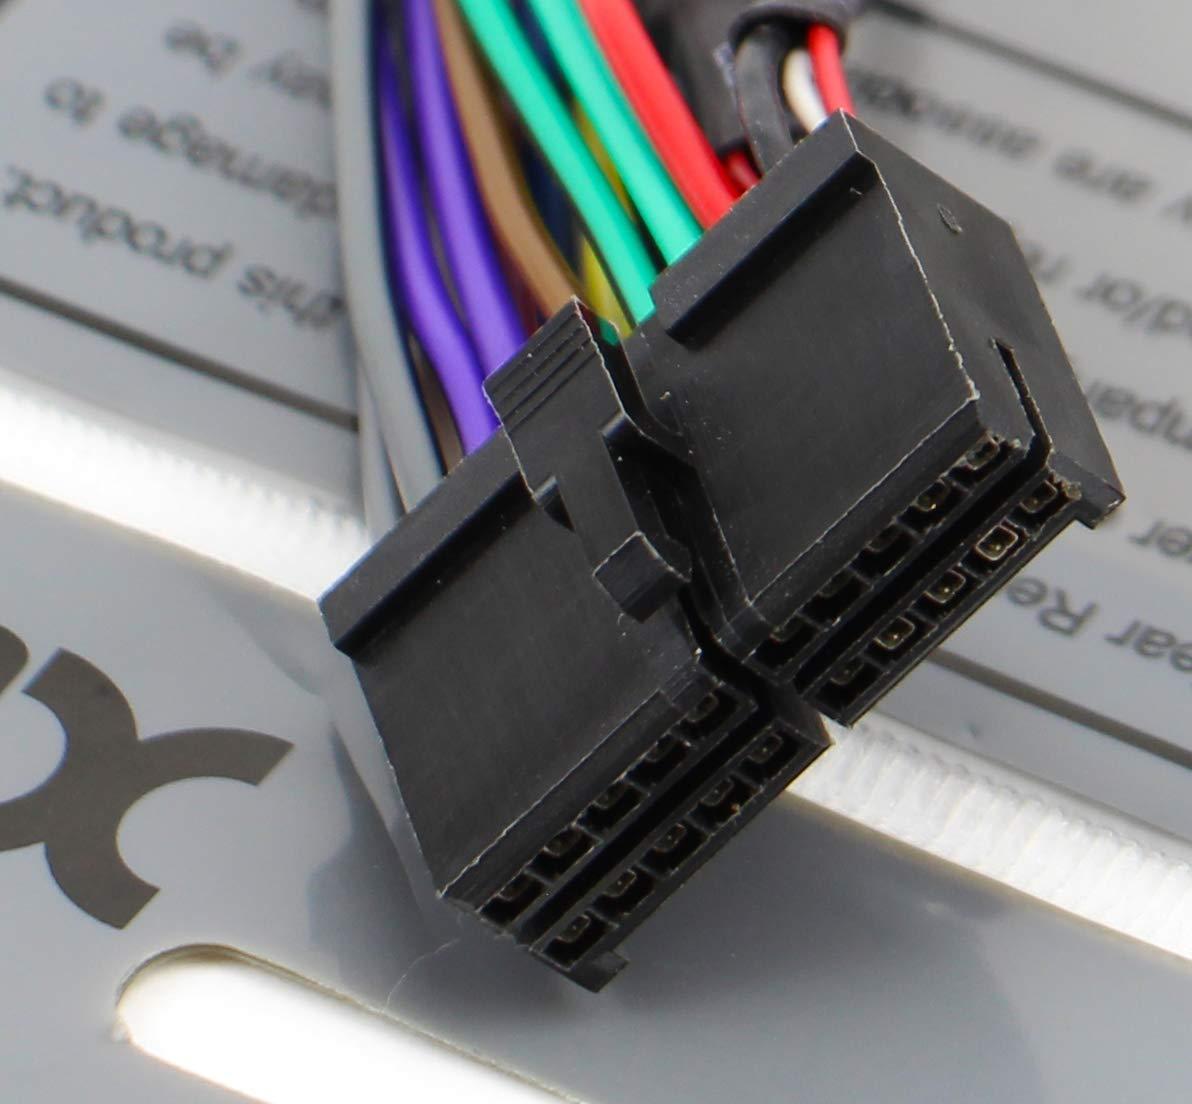 Ram Radio Wiring Diagram On Free Electrical Wiring Diagrams Jensen